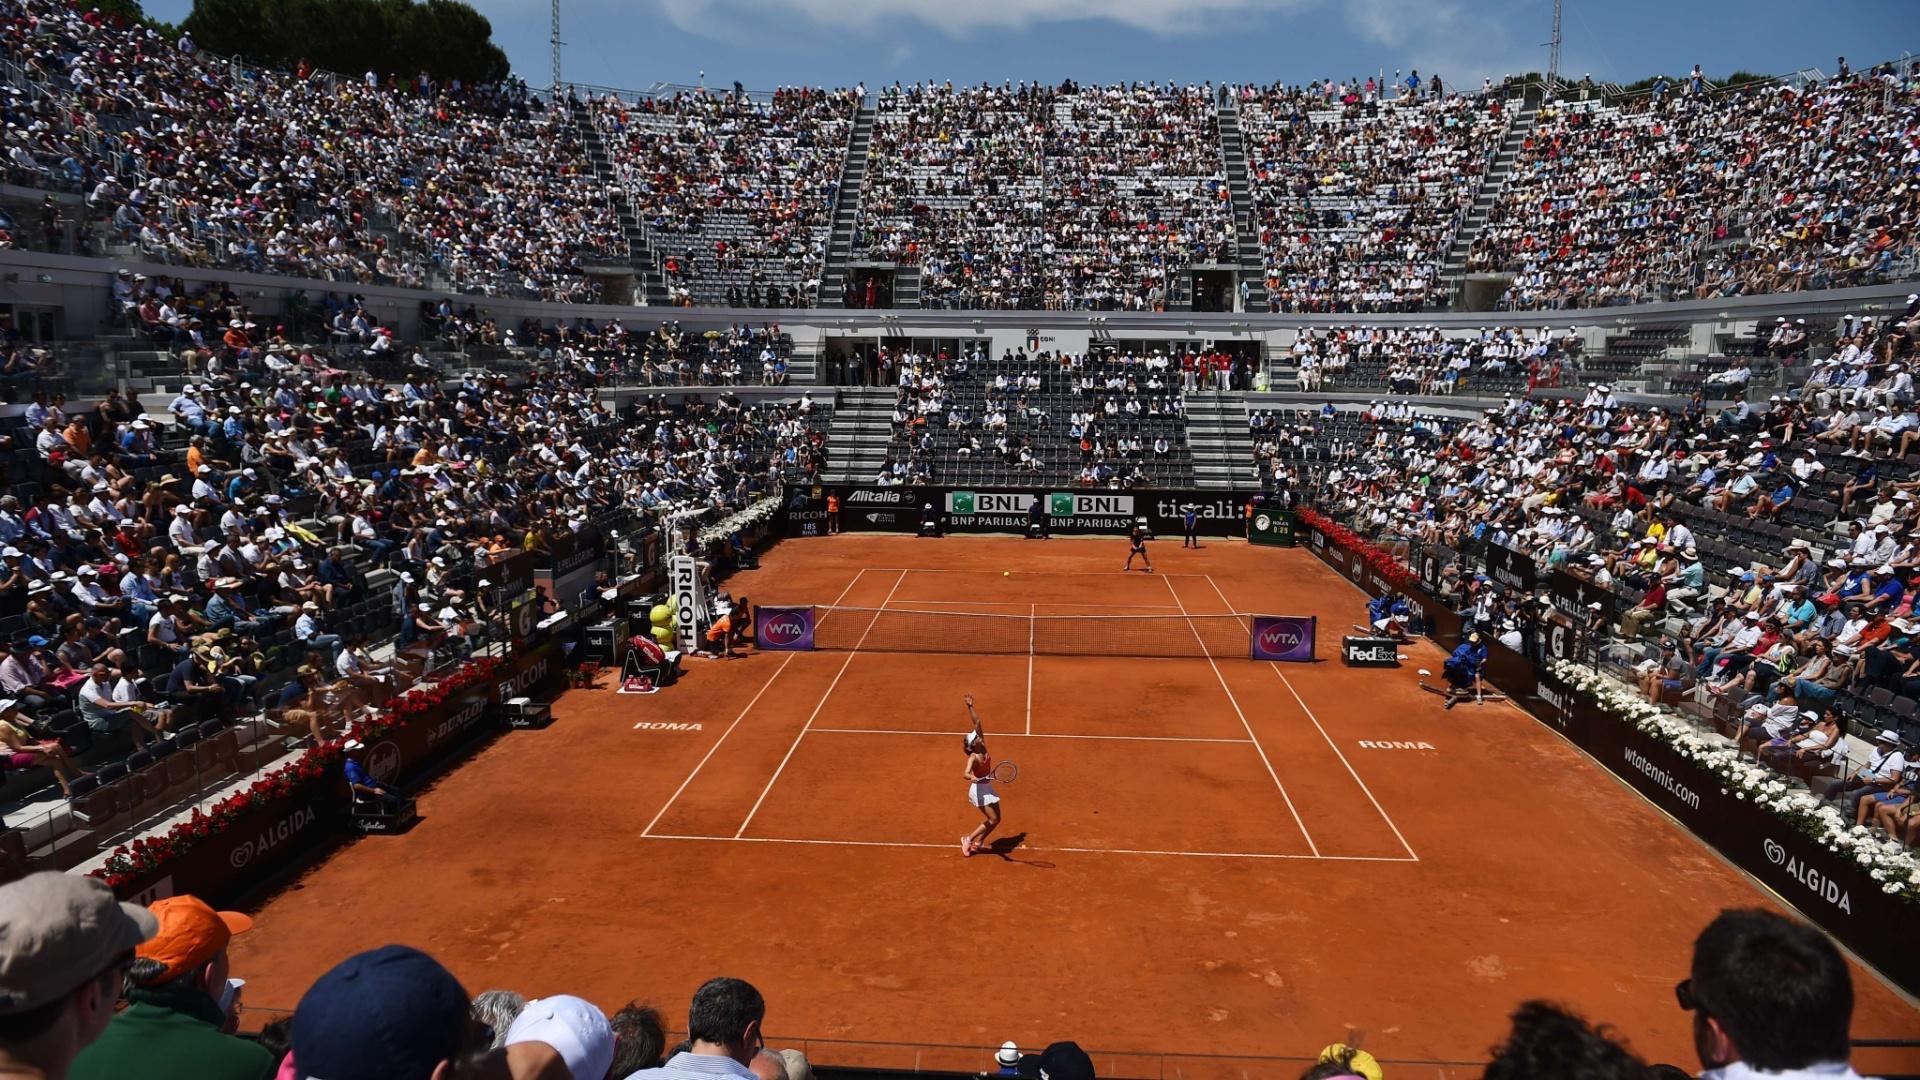 Torcida encheu as arquibancadas do Foro Itálico para acompanhar a decisão feminina do torneio